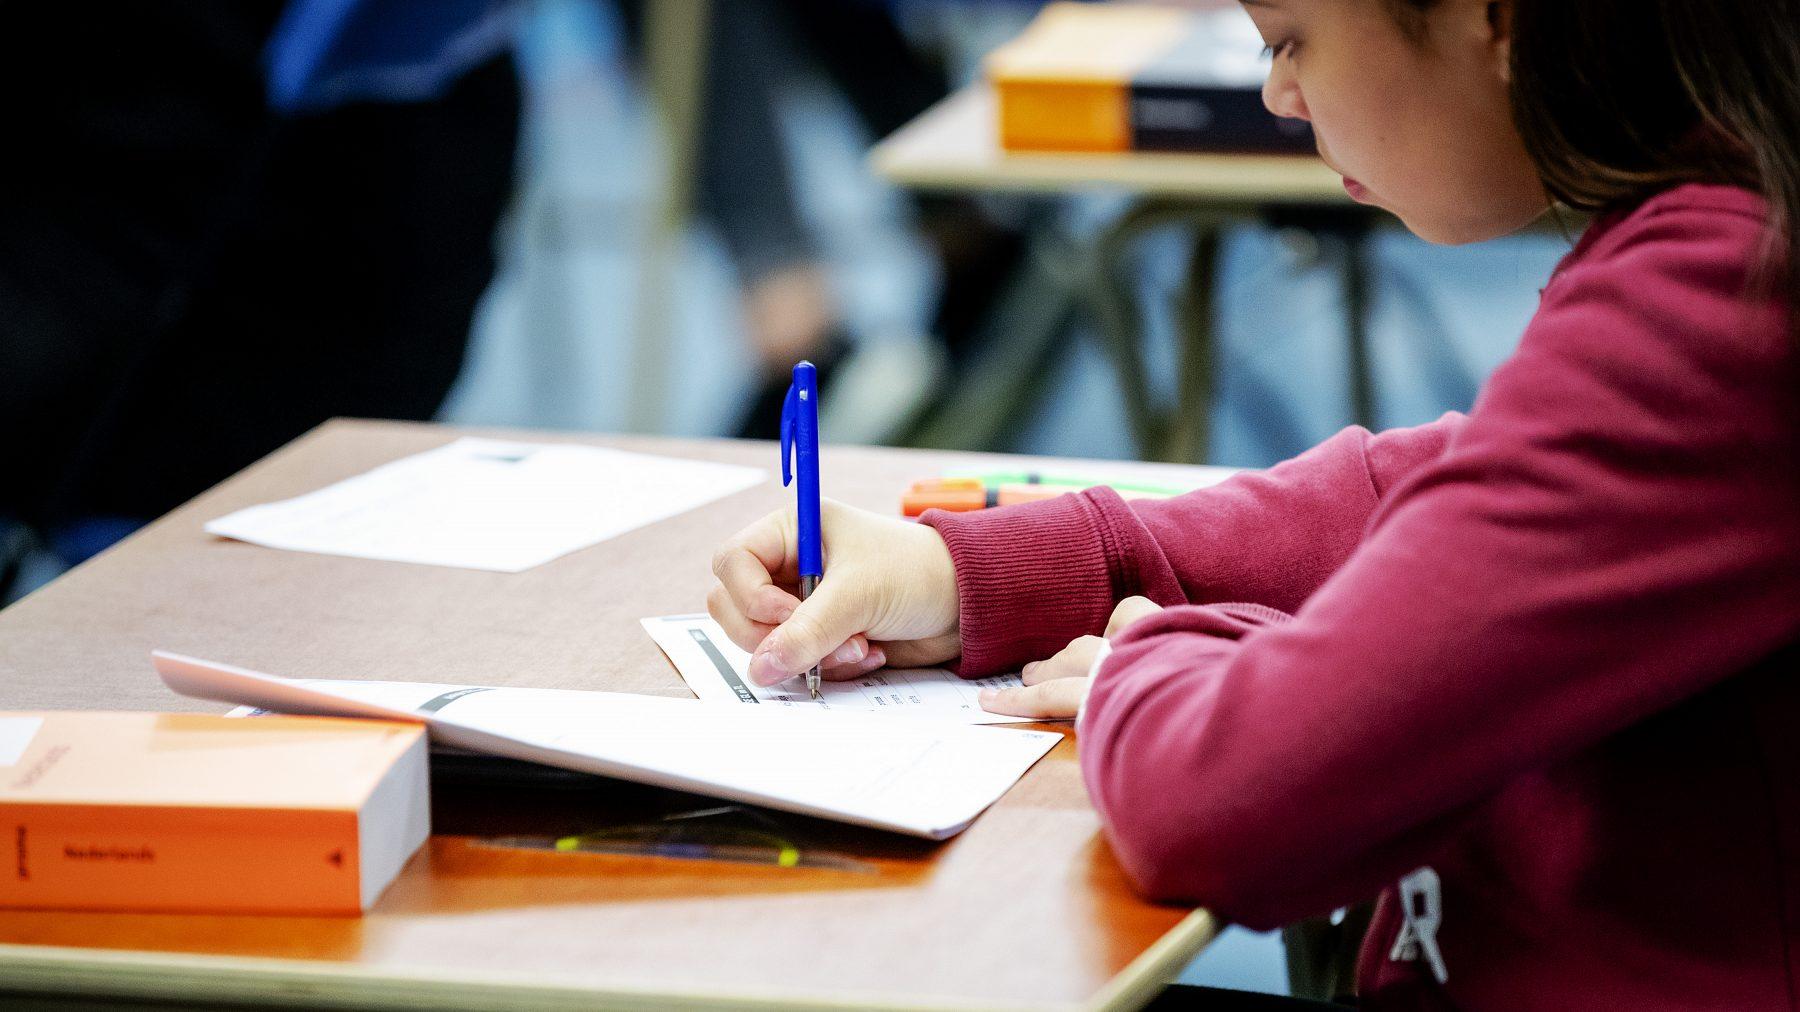 vwo-leerlingen moeten eindexamens geschiedenis en wiskunde a herkansen na diefstal postzak